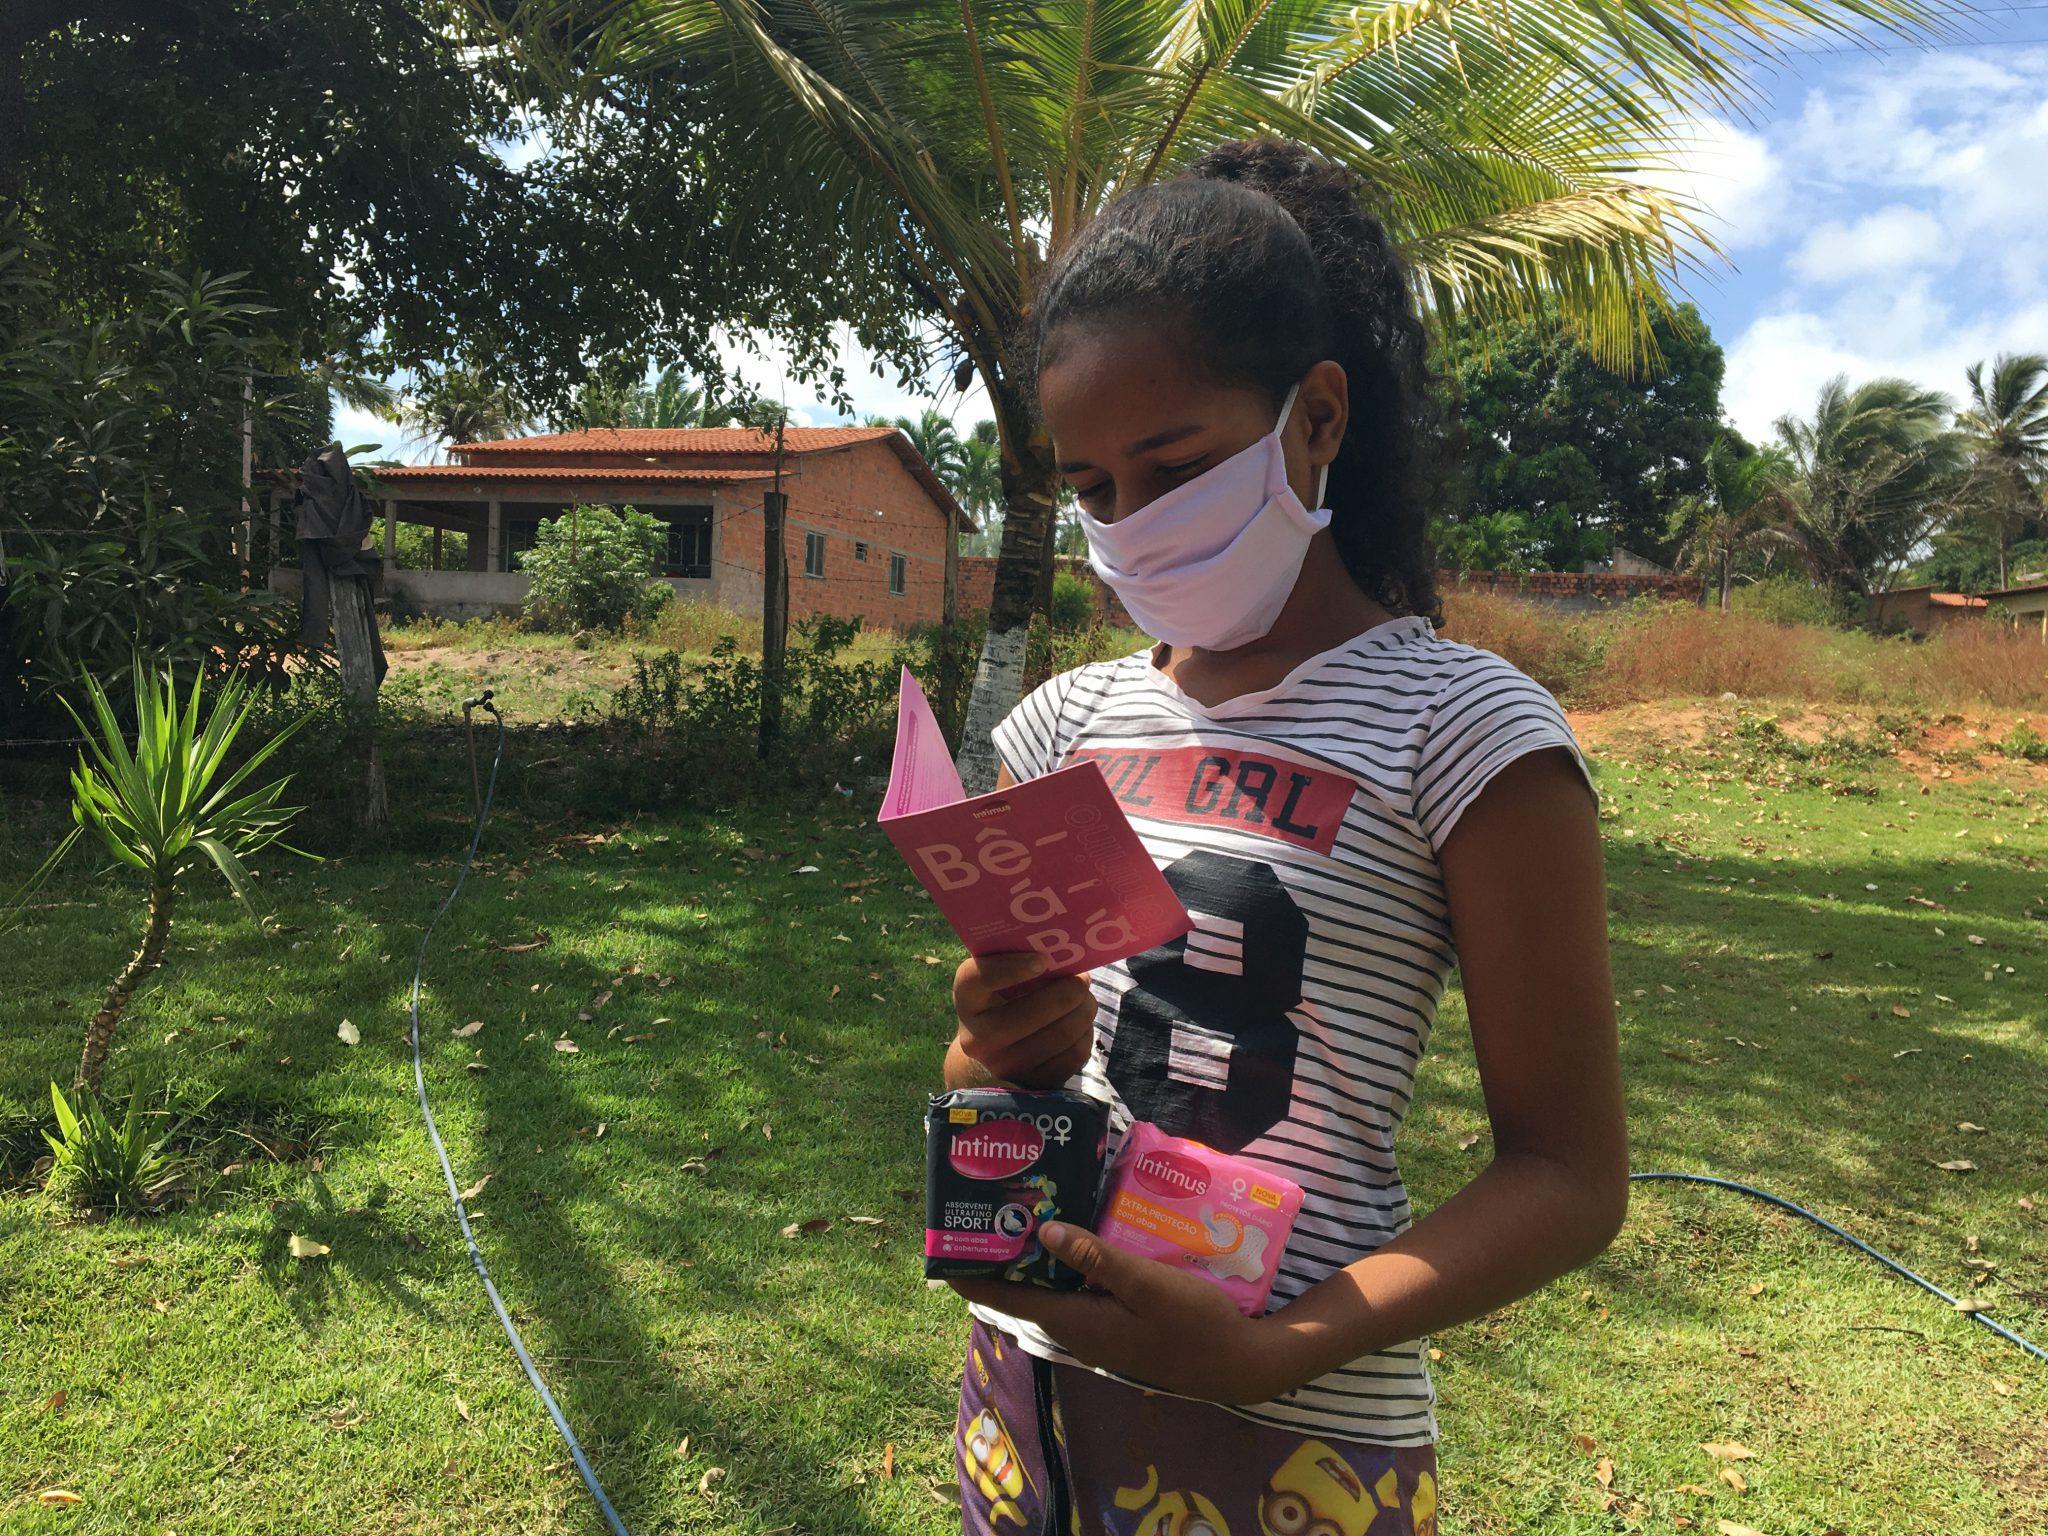 Intimus doa mais de 1,8 milhão de absorventes para mulheres em comunidades e oferece consultas ginecológicas gratuitas 1